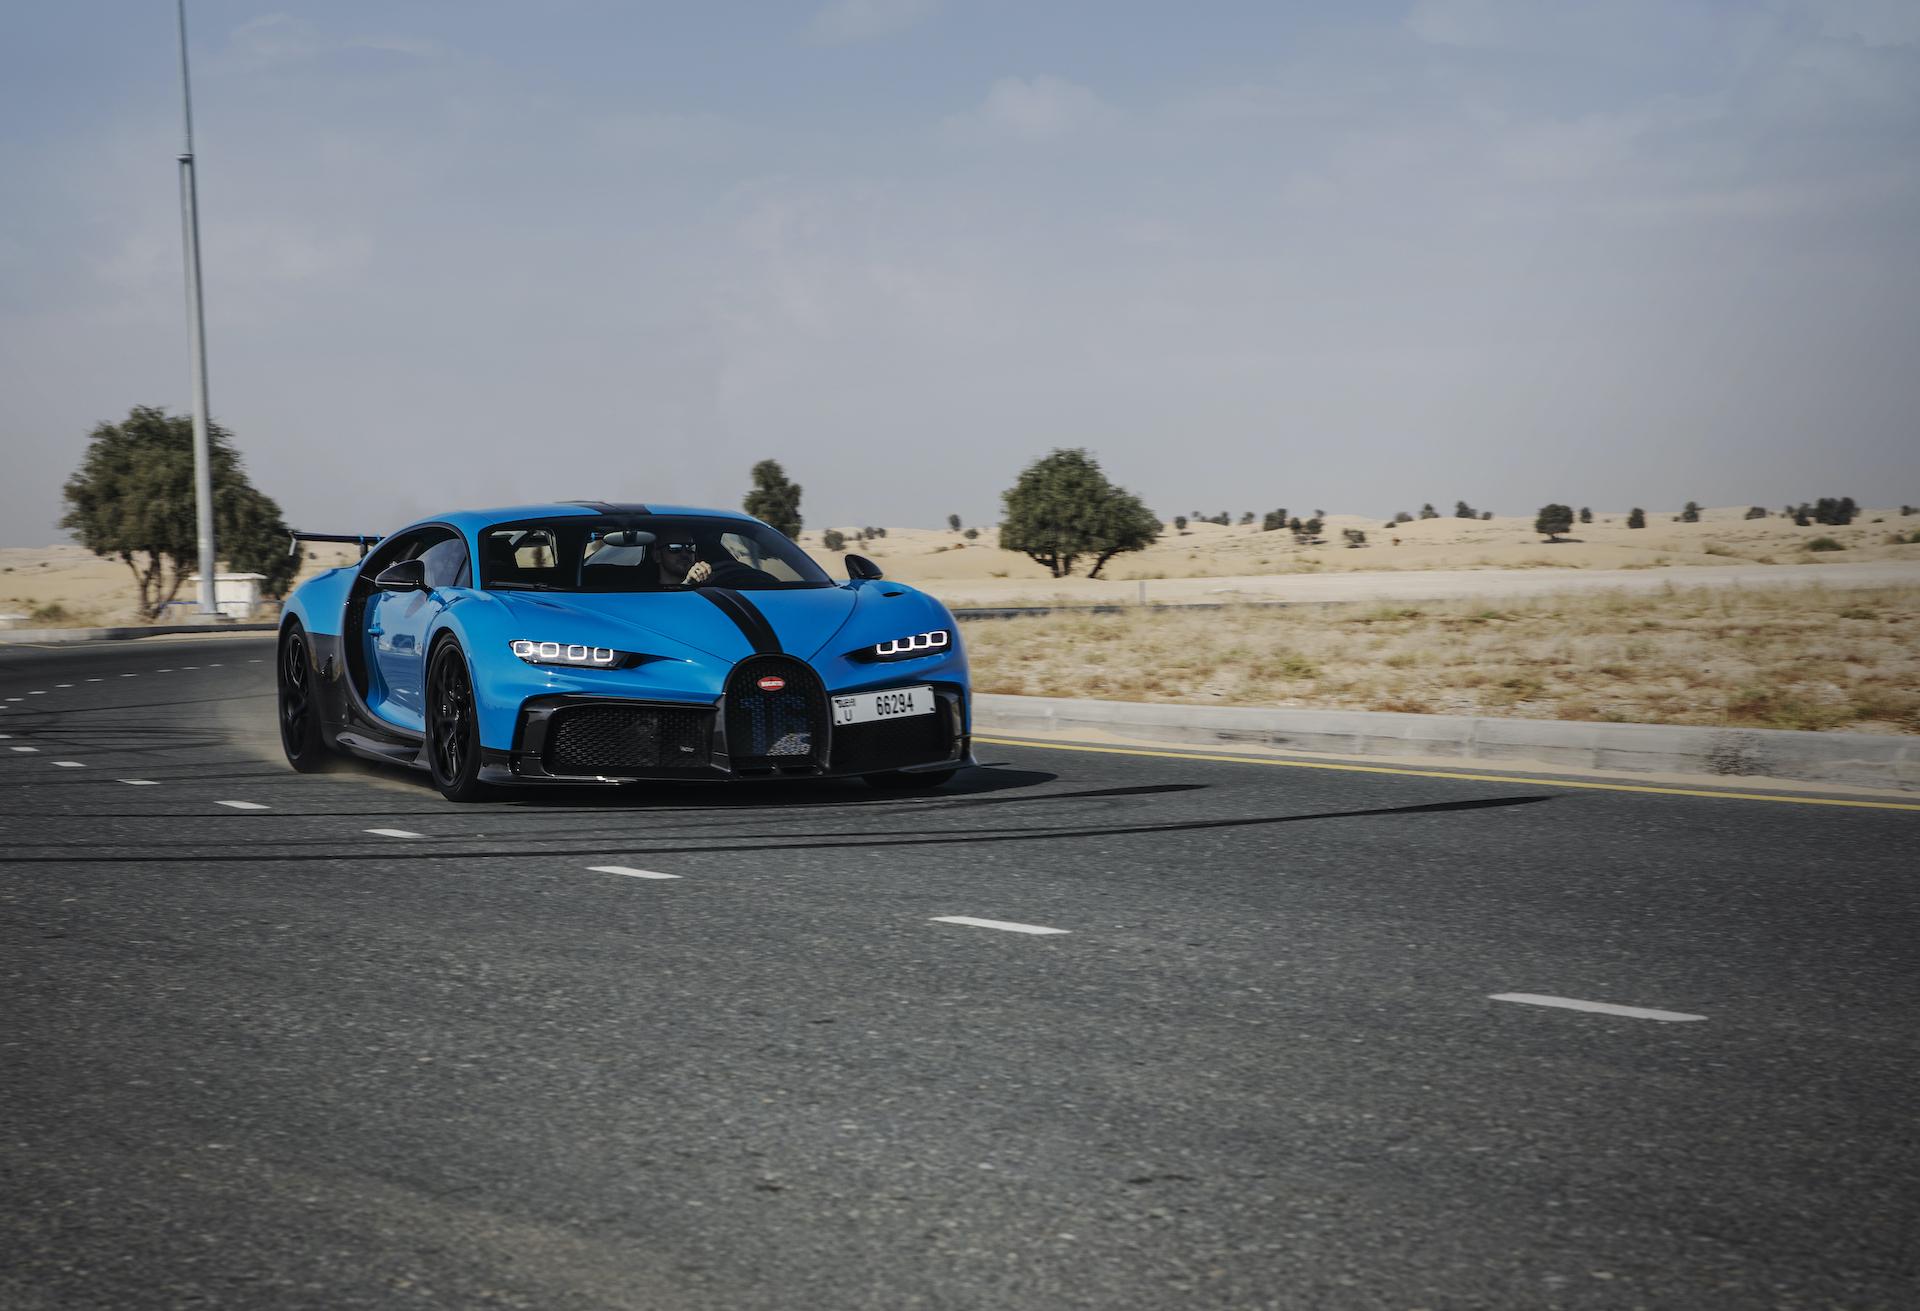 Der Bugatti Chiron Sport in Dubai: Extravaganz trifft Superlativ 1